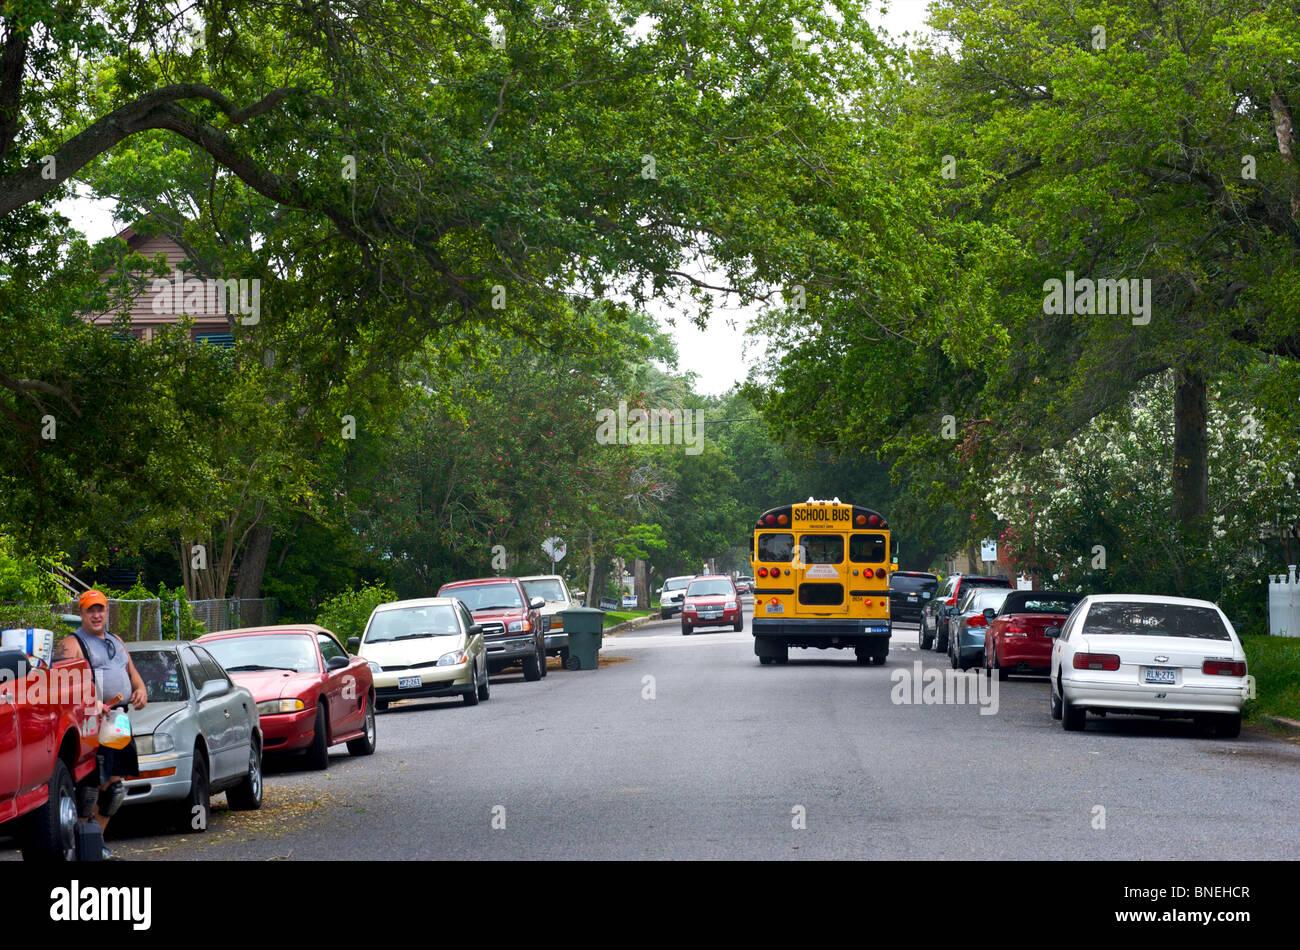 School bus in Suburbs of Galveston, Texas, USA Stock Photo